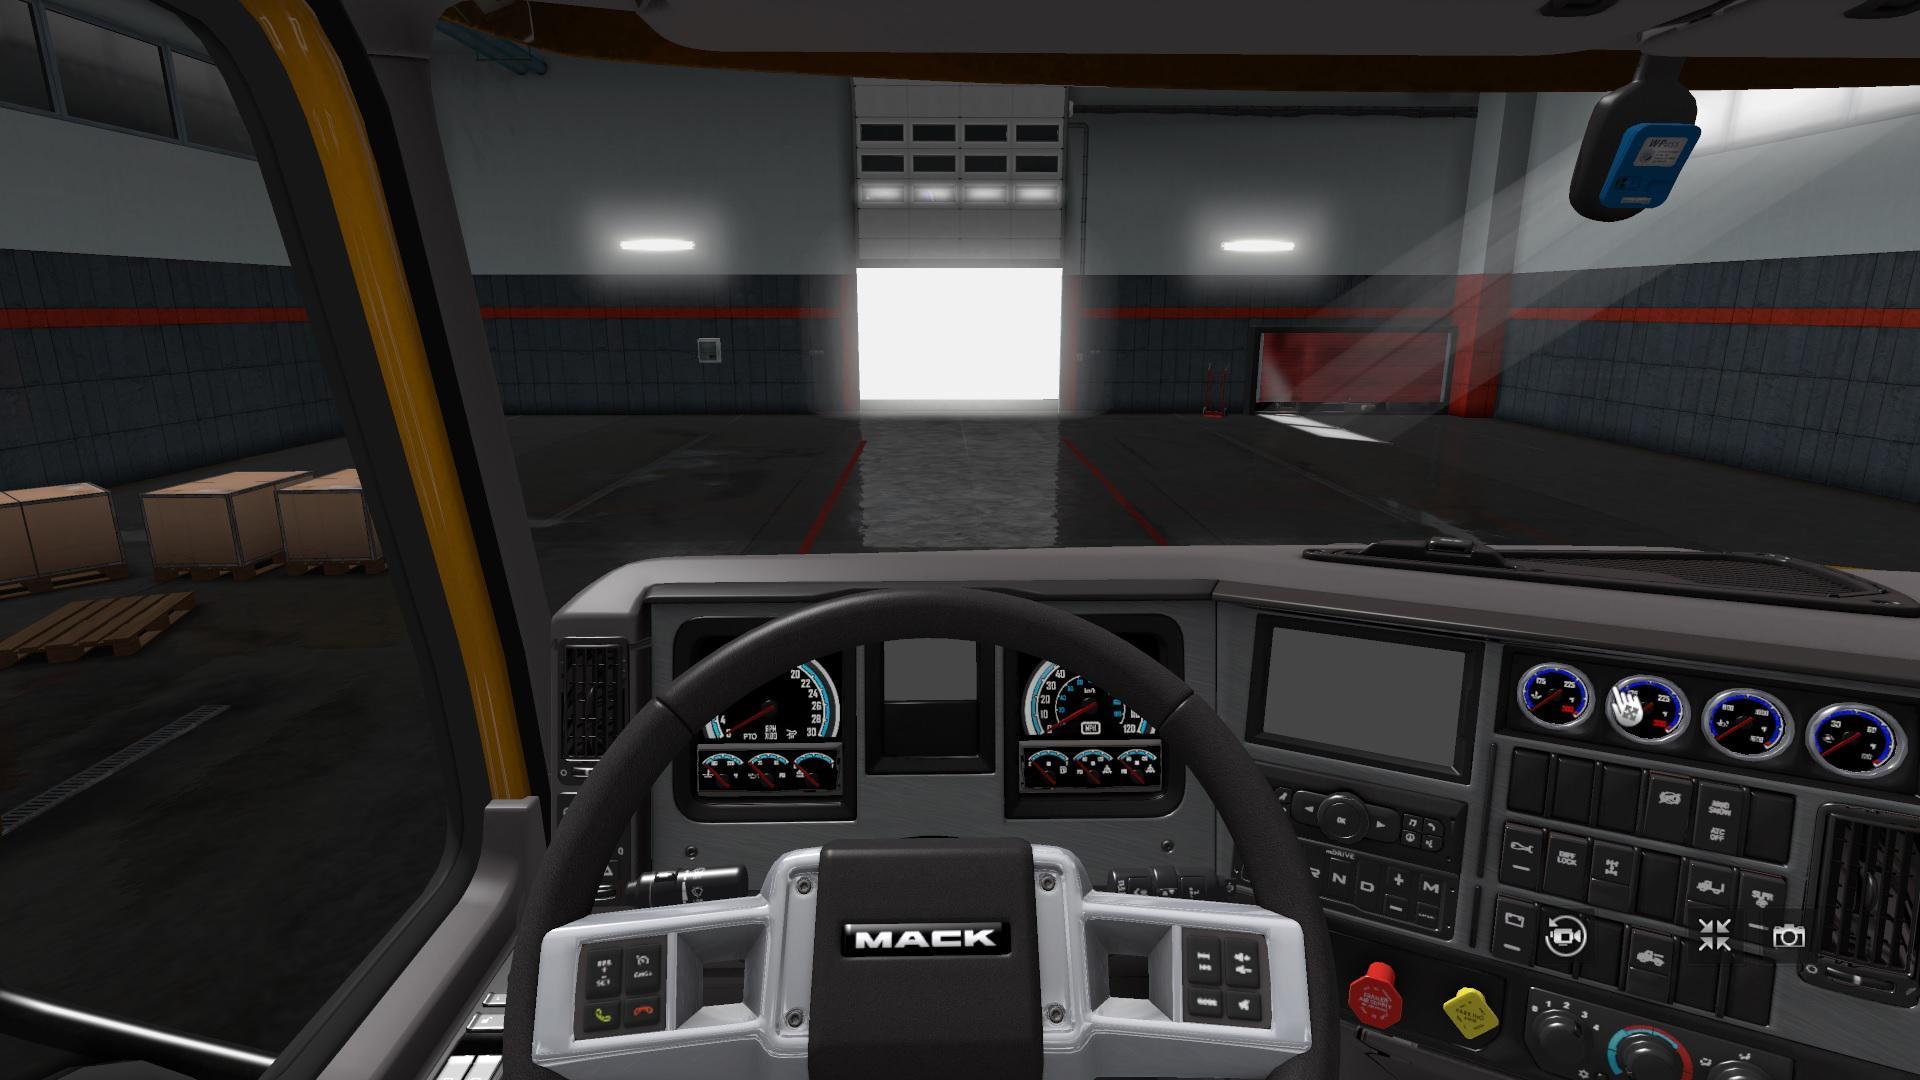 ETS2 - Mack Anthem Truck V1.3 (1.36.x)